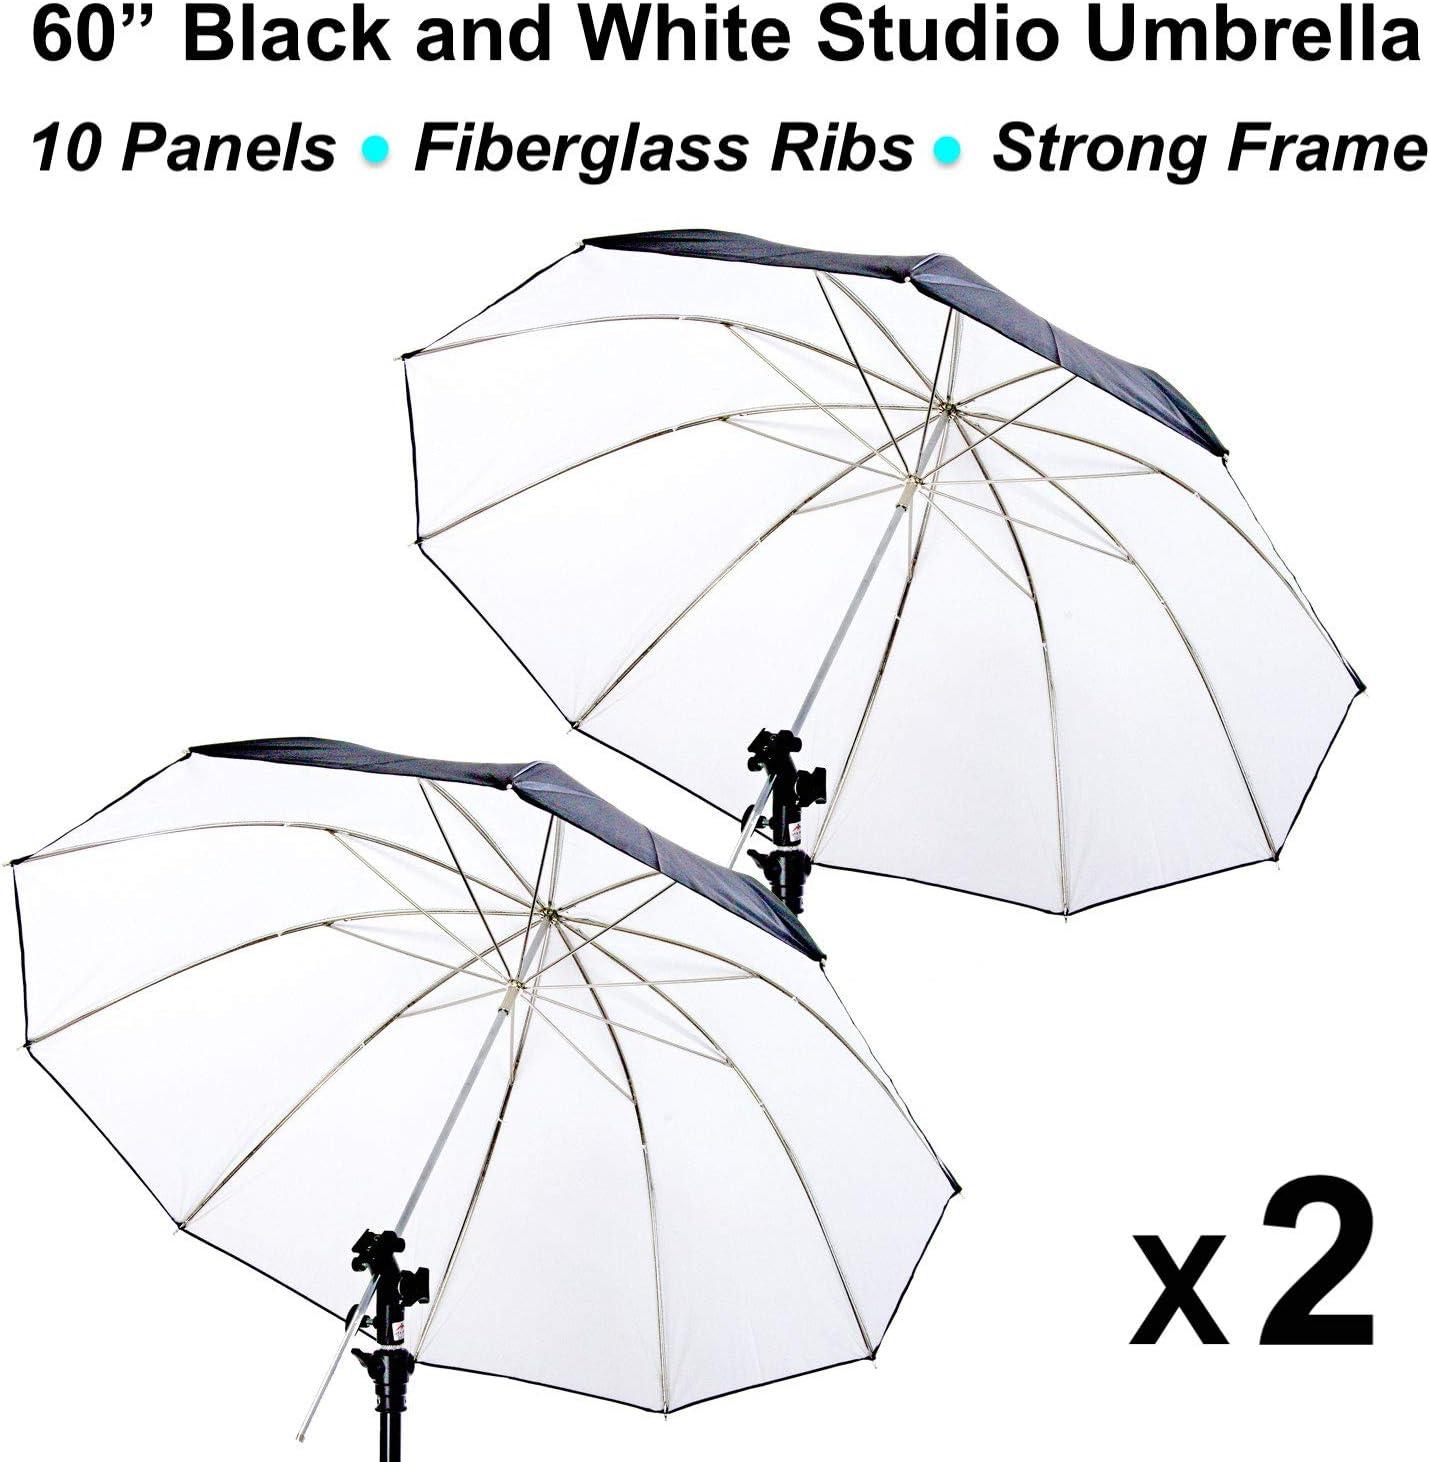 2 x 60 Black//White Reflective Photo Studio Umbrella 10 Panels Fiberglass Ribs00